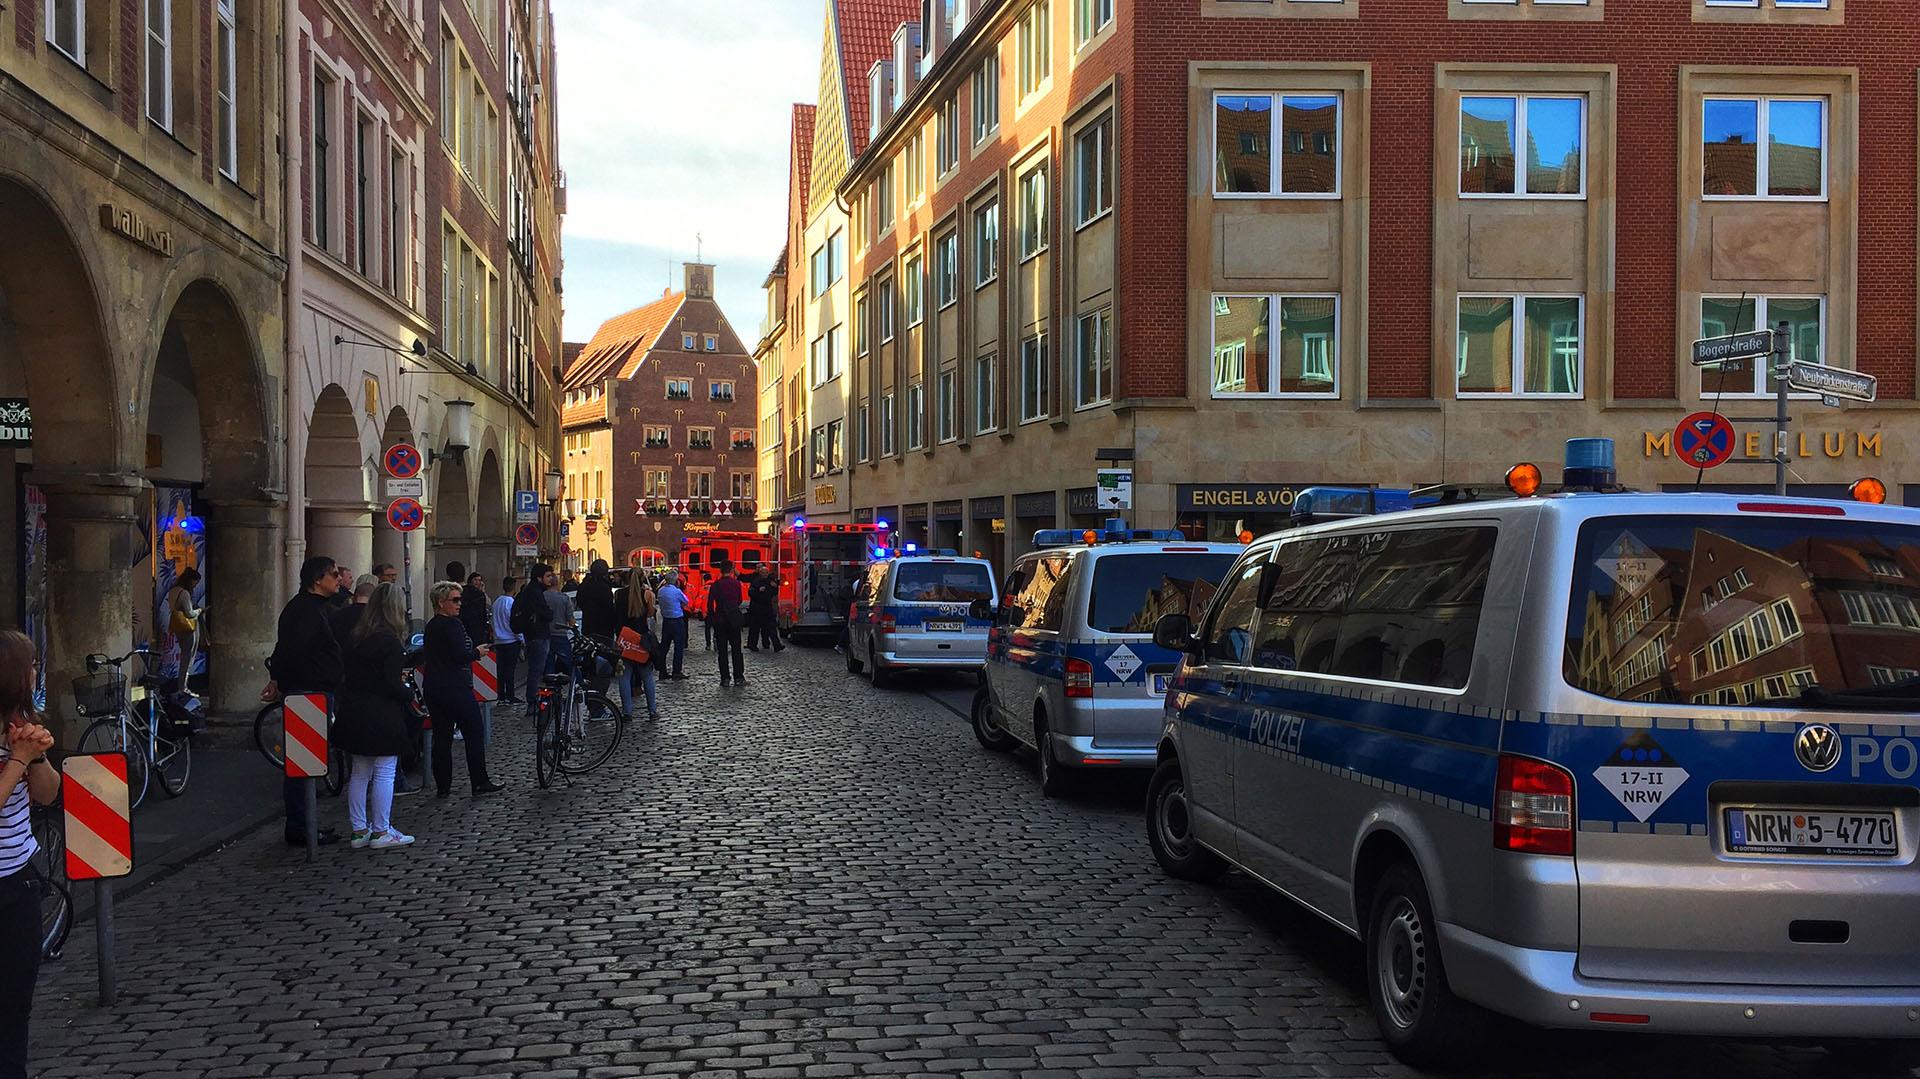 La policía acordonó la ciudad vieja de Munster(AFP PHOTO / dpa / – / Germany OUT)